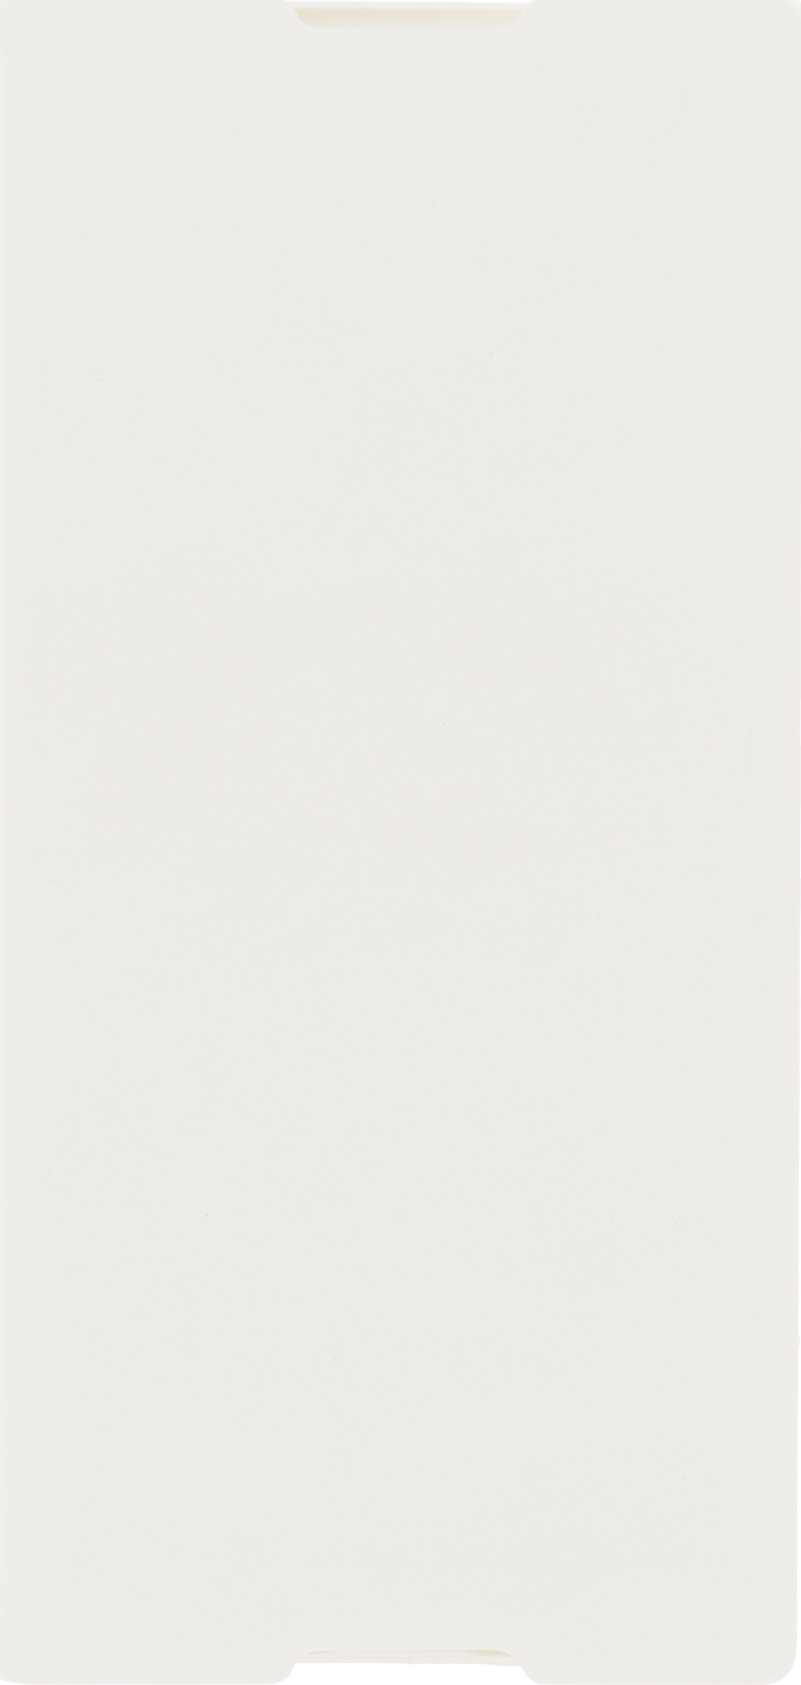 Чехол Brosco Book для Sony Xperia XA1, белый чехол для sony g3412 xperia xa1 plus sony flip cover scsg70 белый